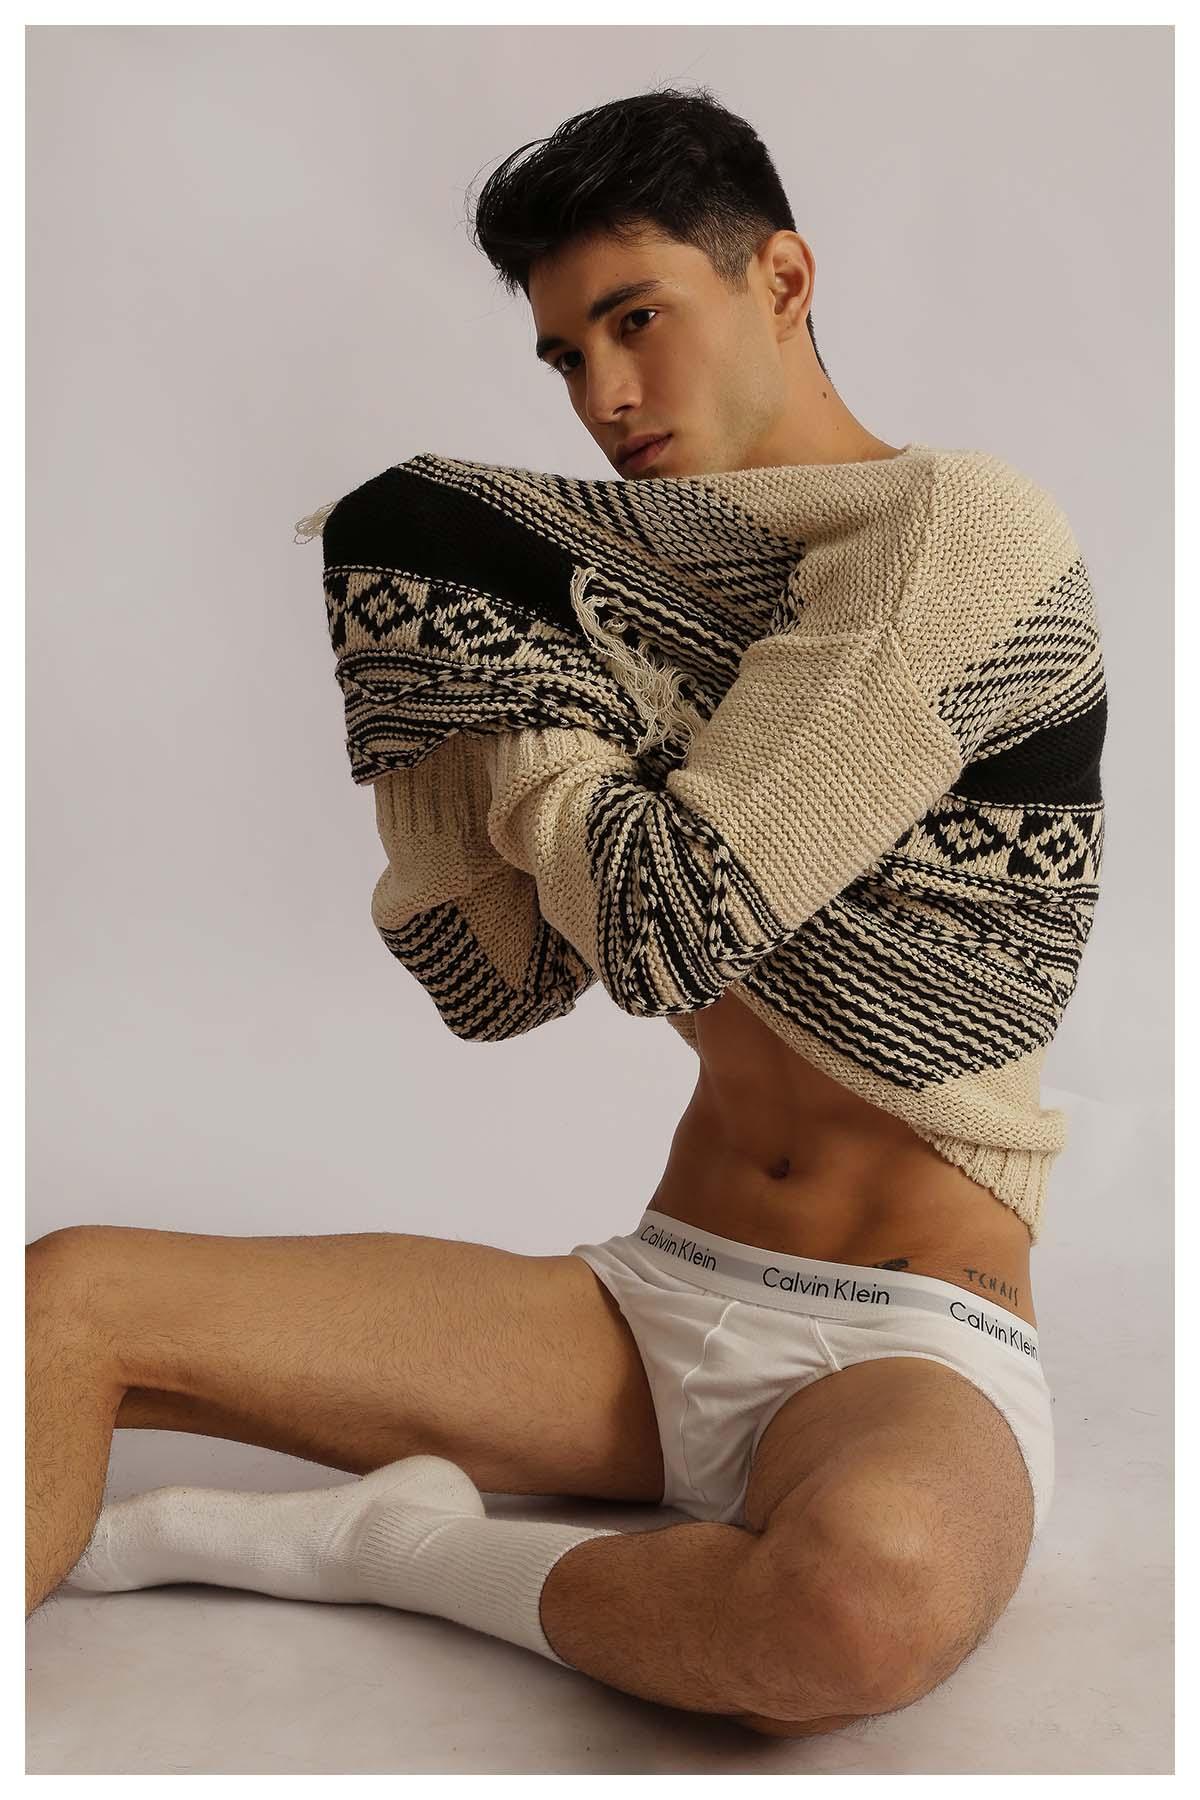 Aldo Vinicius by Bruno Barreto for Brazilian Male Model